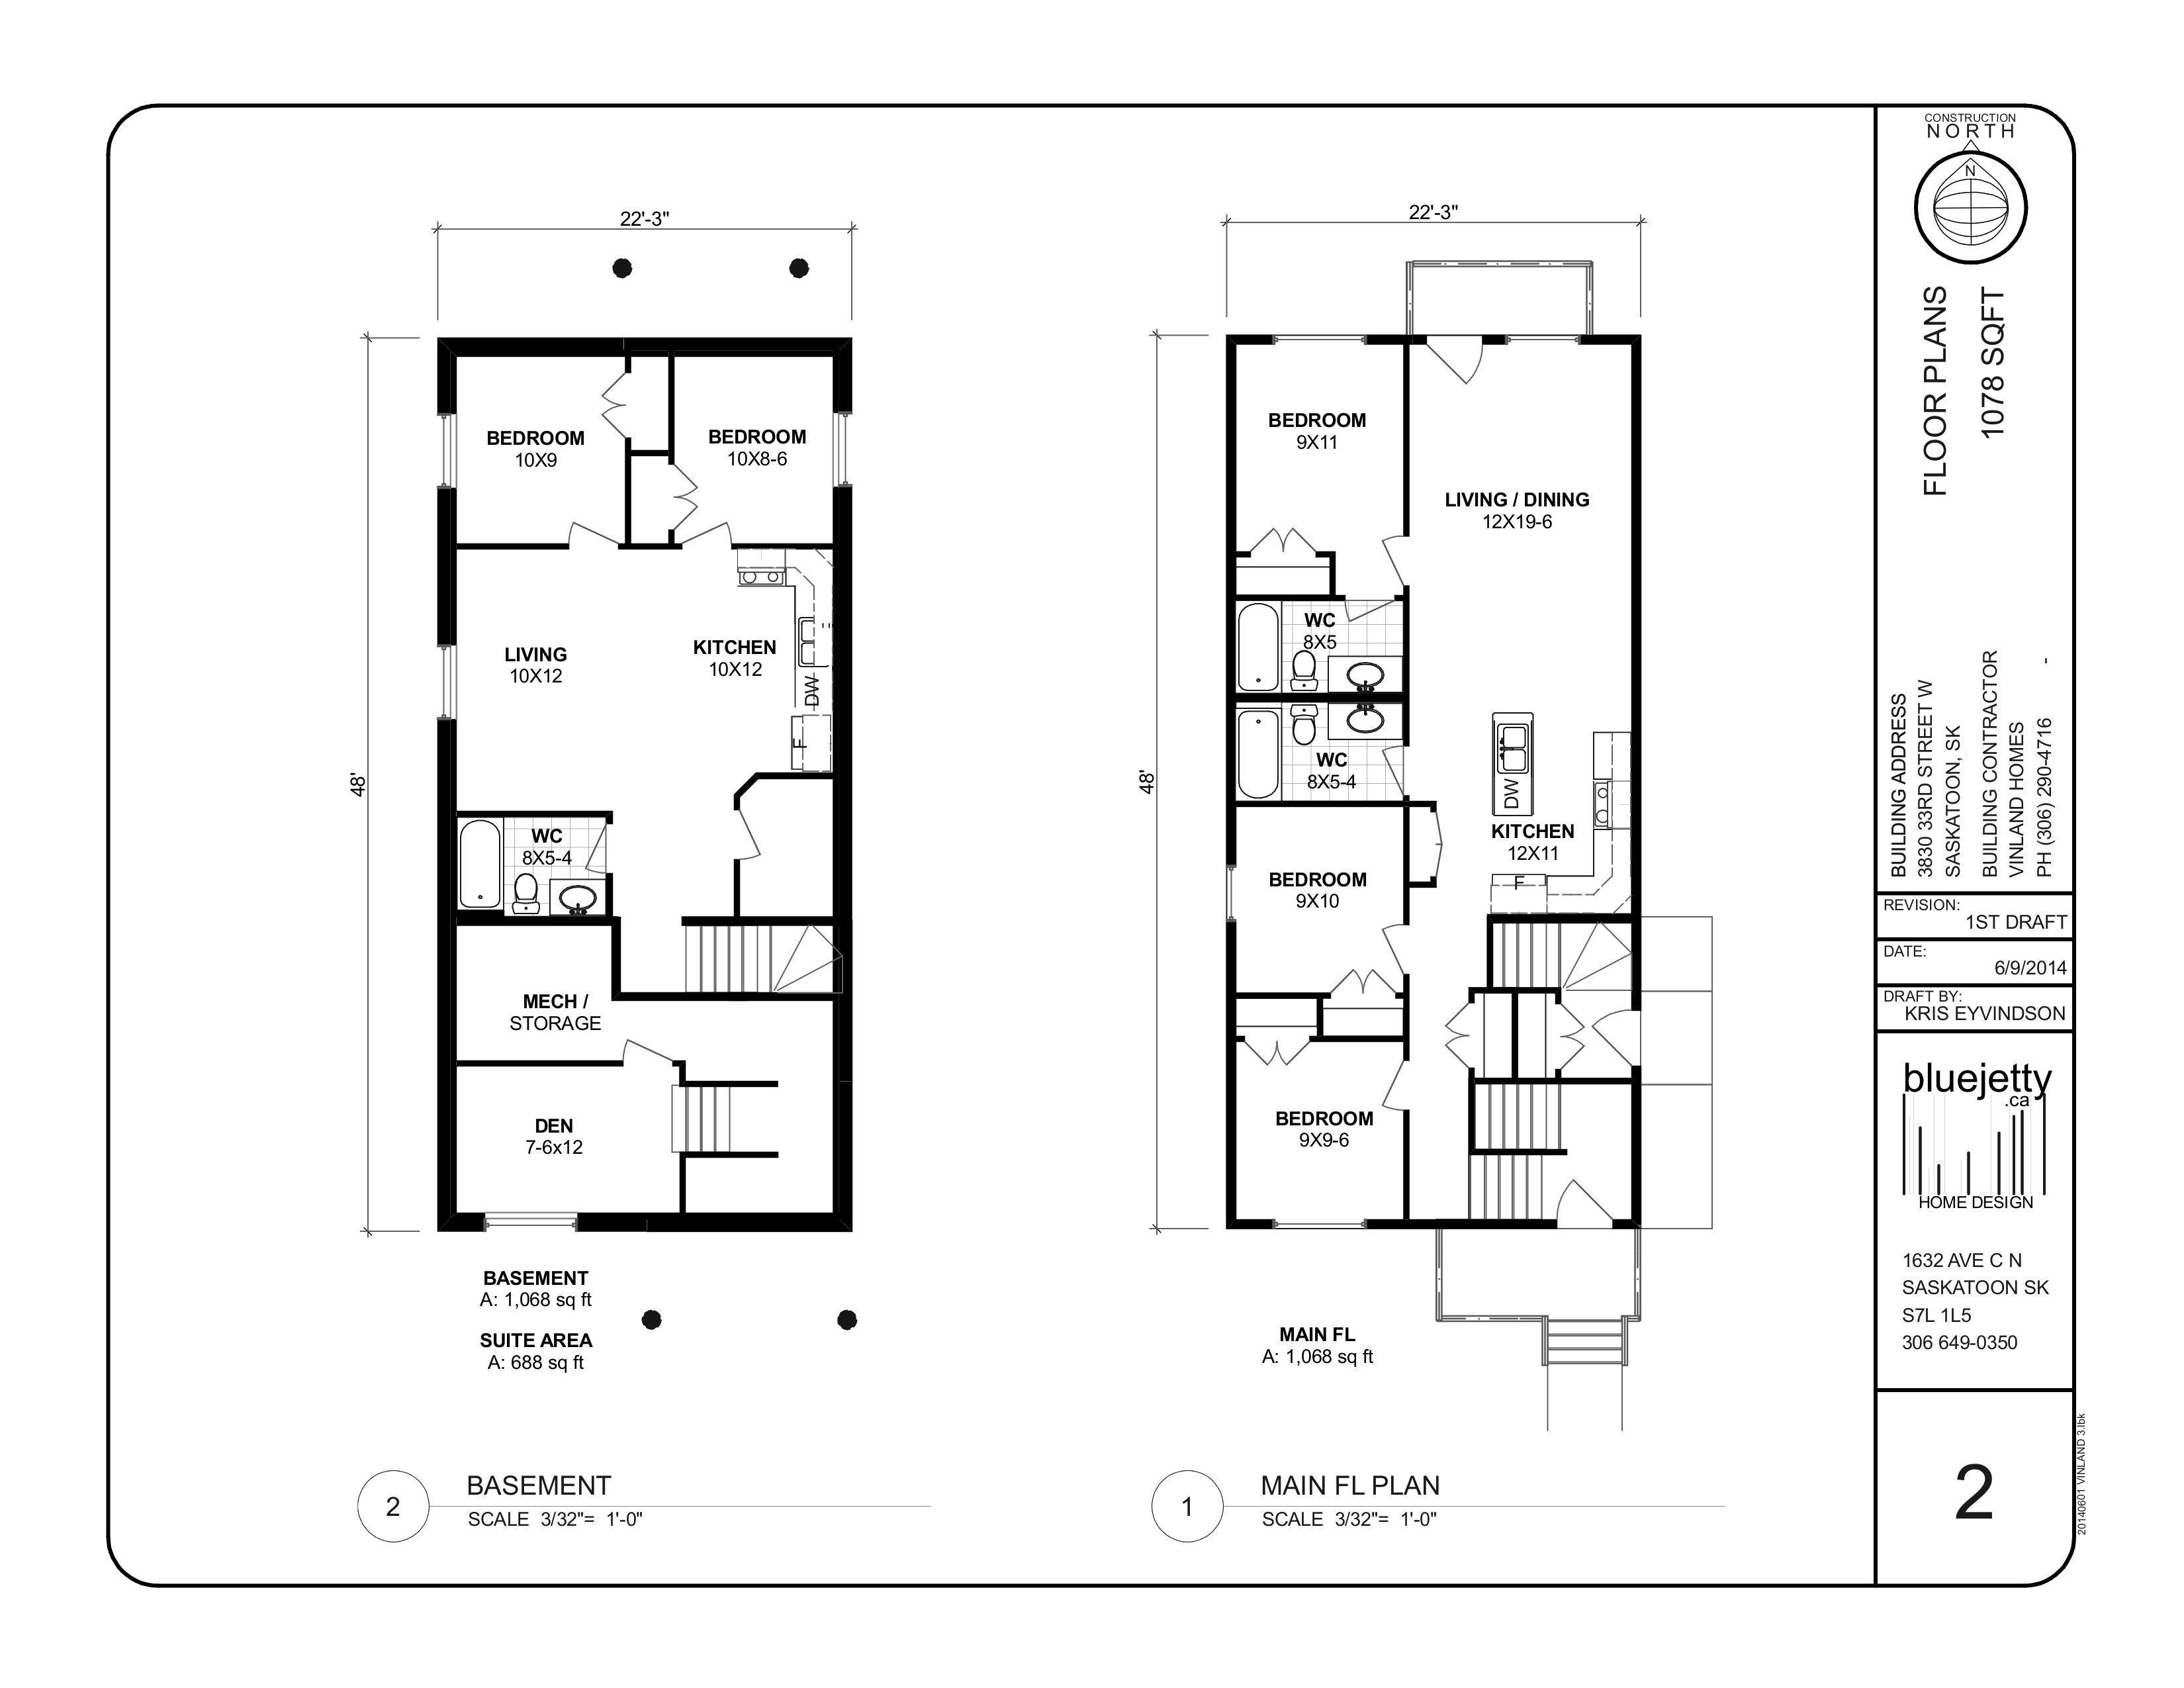 Concept floor plans 2014 home with basement suite for for Basement suite plans